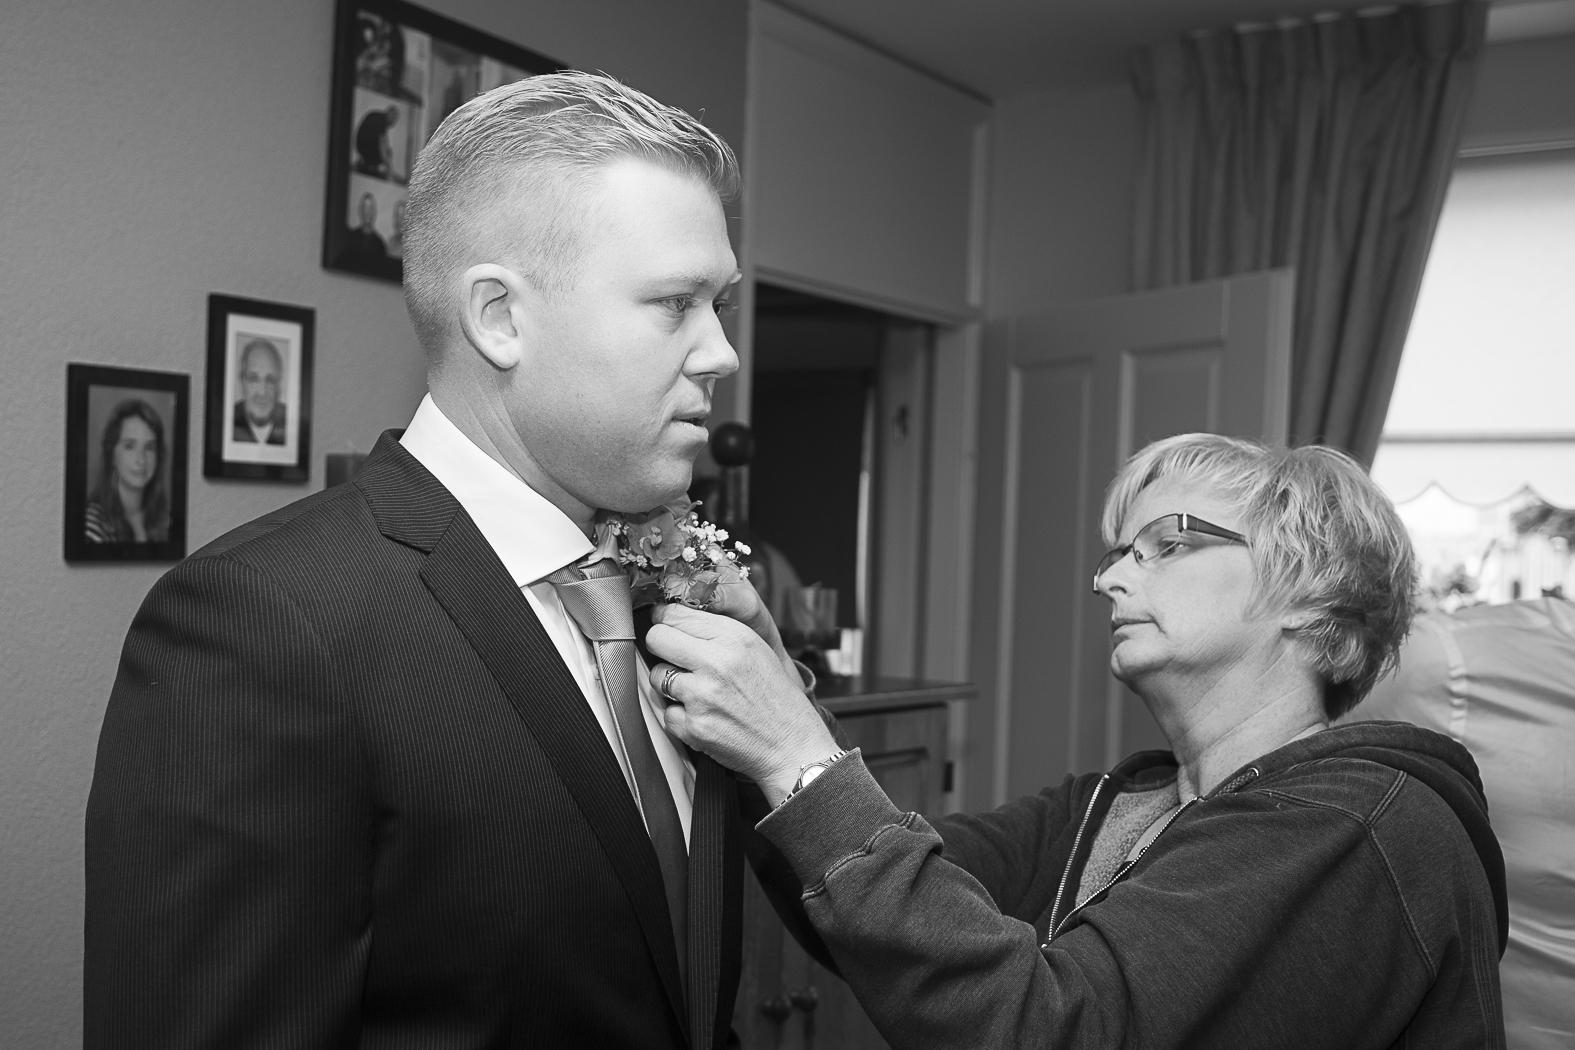 Bruidegom krijgt corsage opgespeld